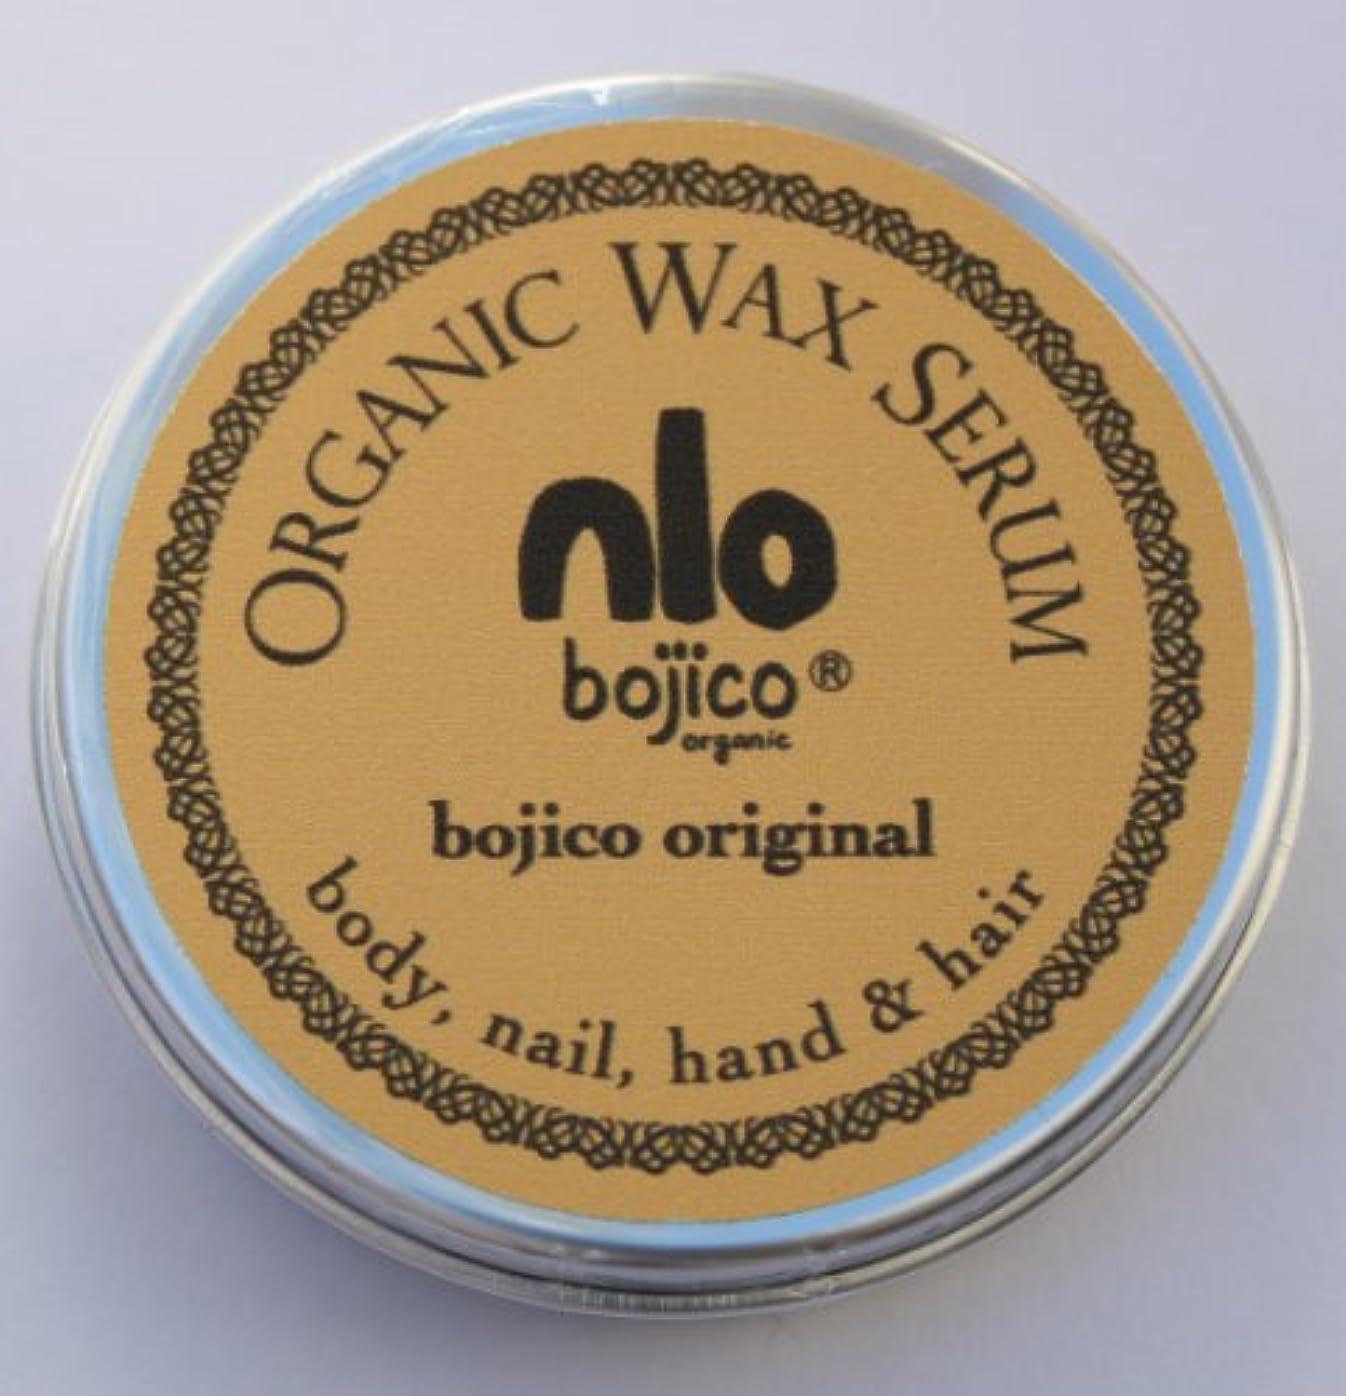 変形体細胞ストレスbojico オーガニック ワックス セラム<オリジナル> Organic Wax Serum 40g